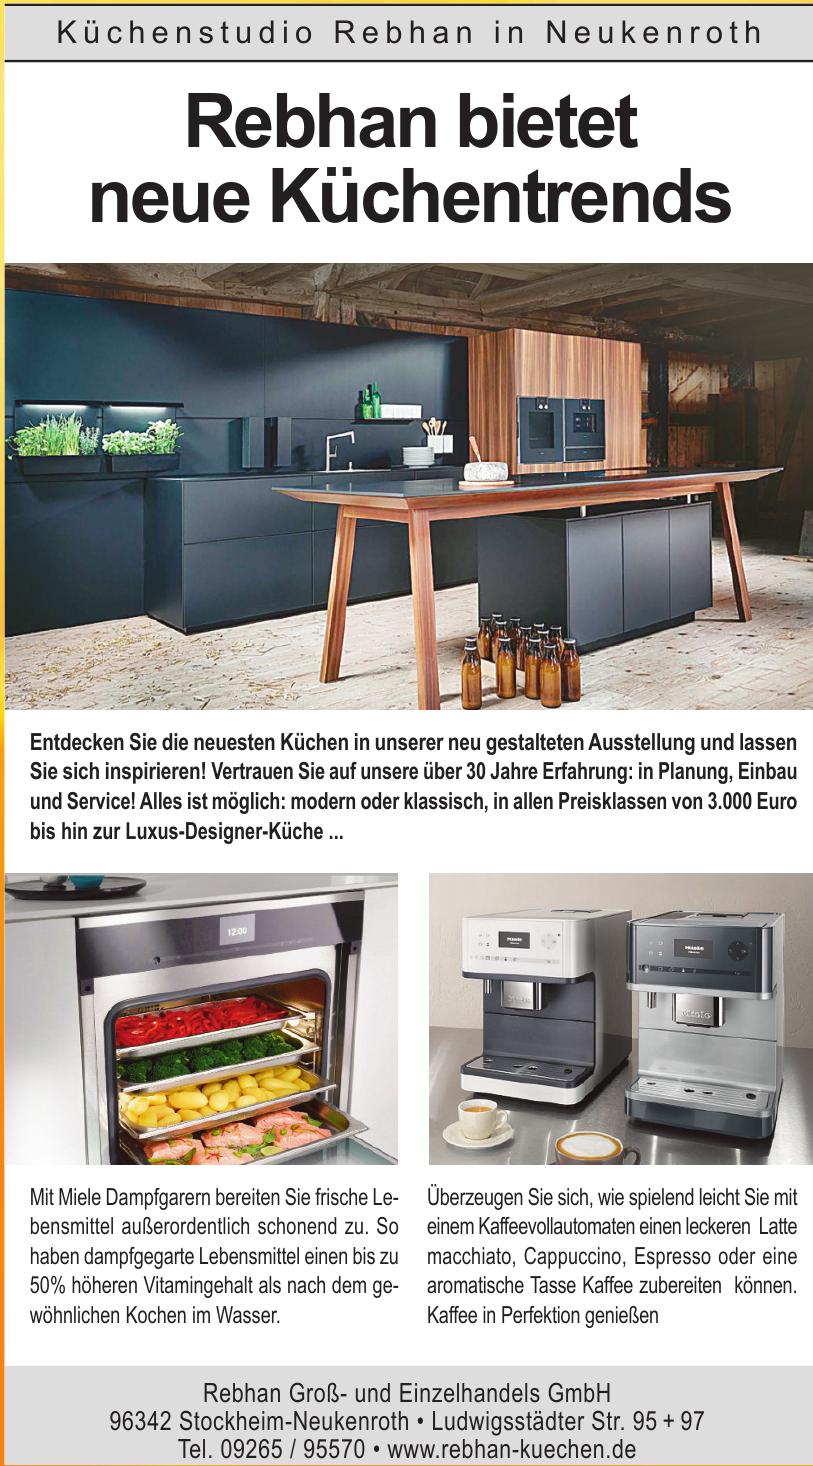 Rebhan Groß- und Einzelhandels GmbH